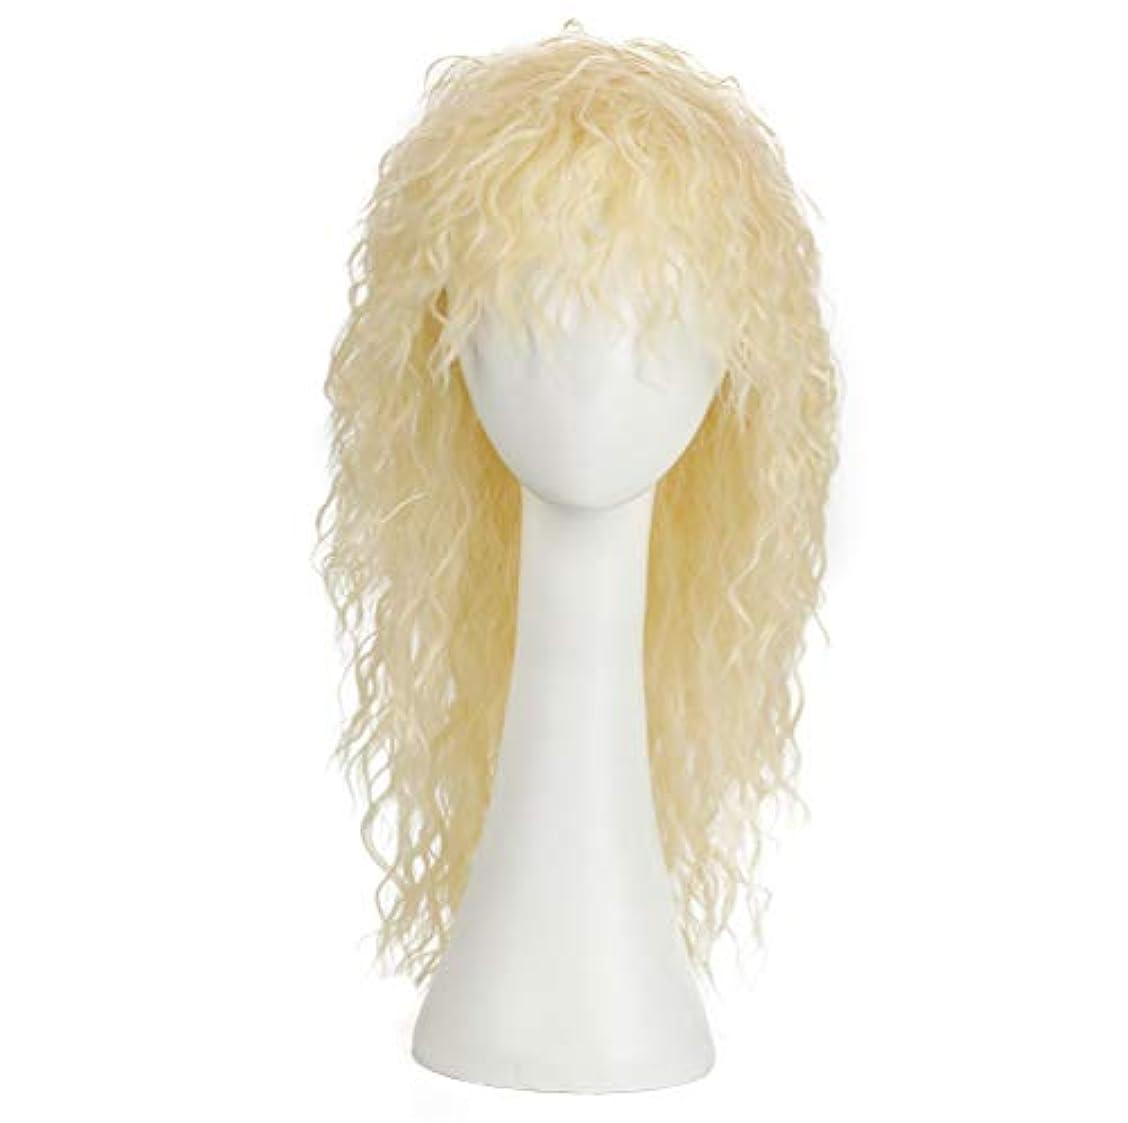 安全ミュージカル留め金ウィッグ女性150%密度ロングカールグルーレスベビーヘアフルヘッドウィッグ